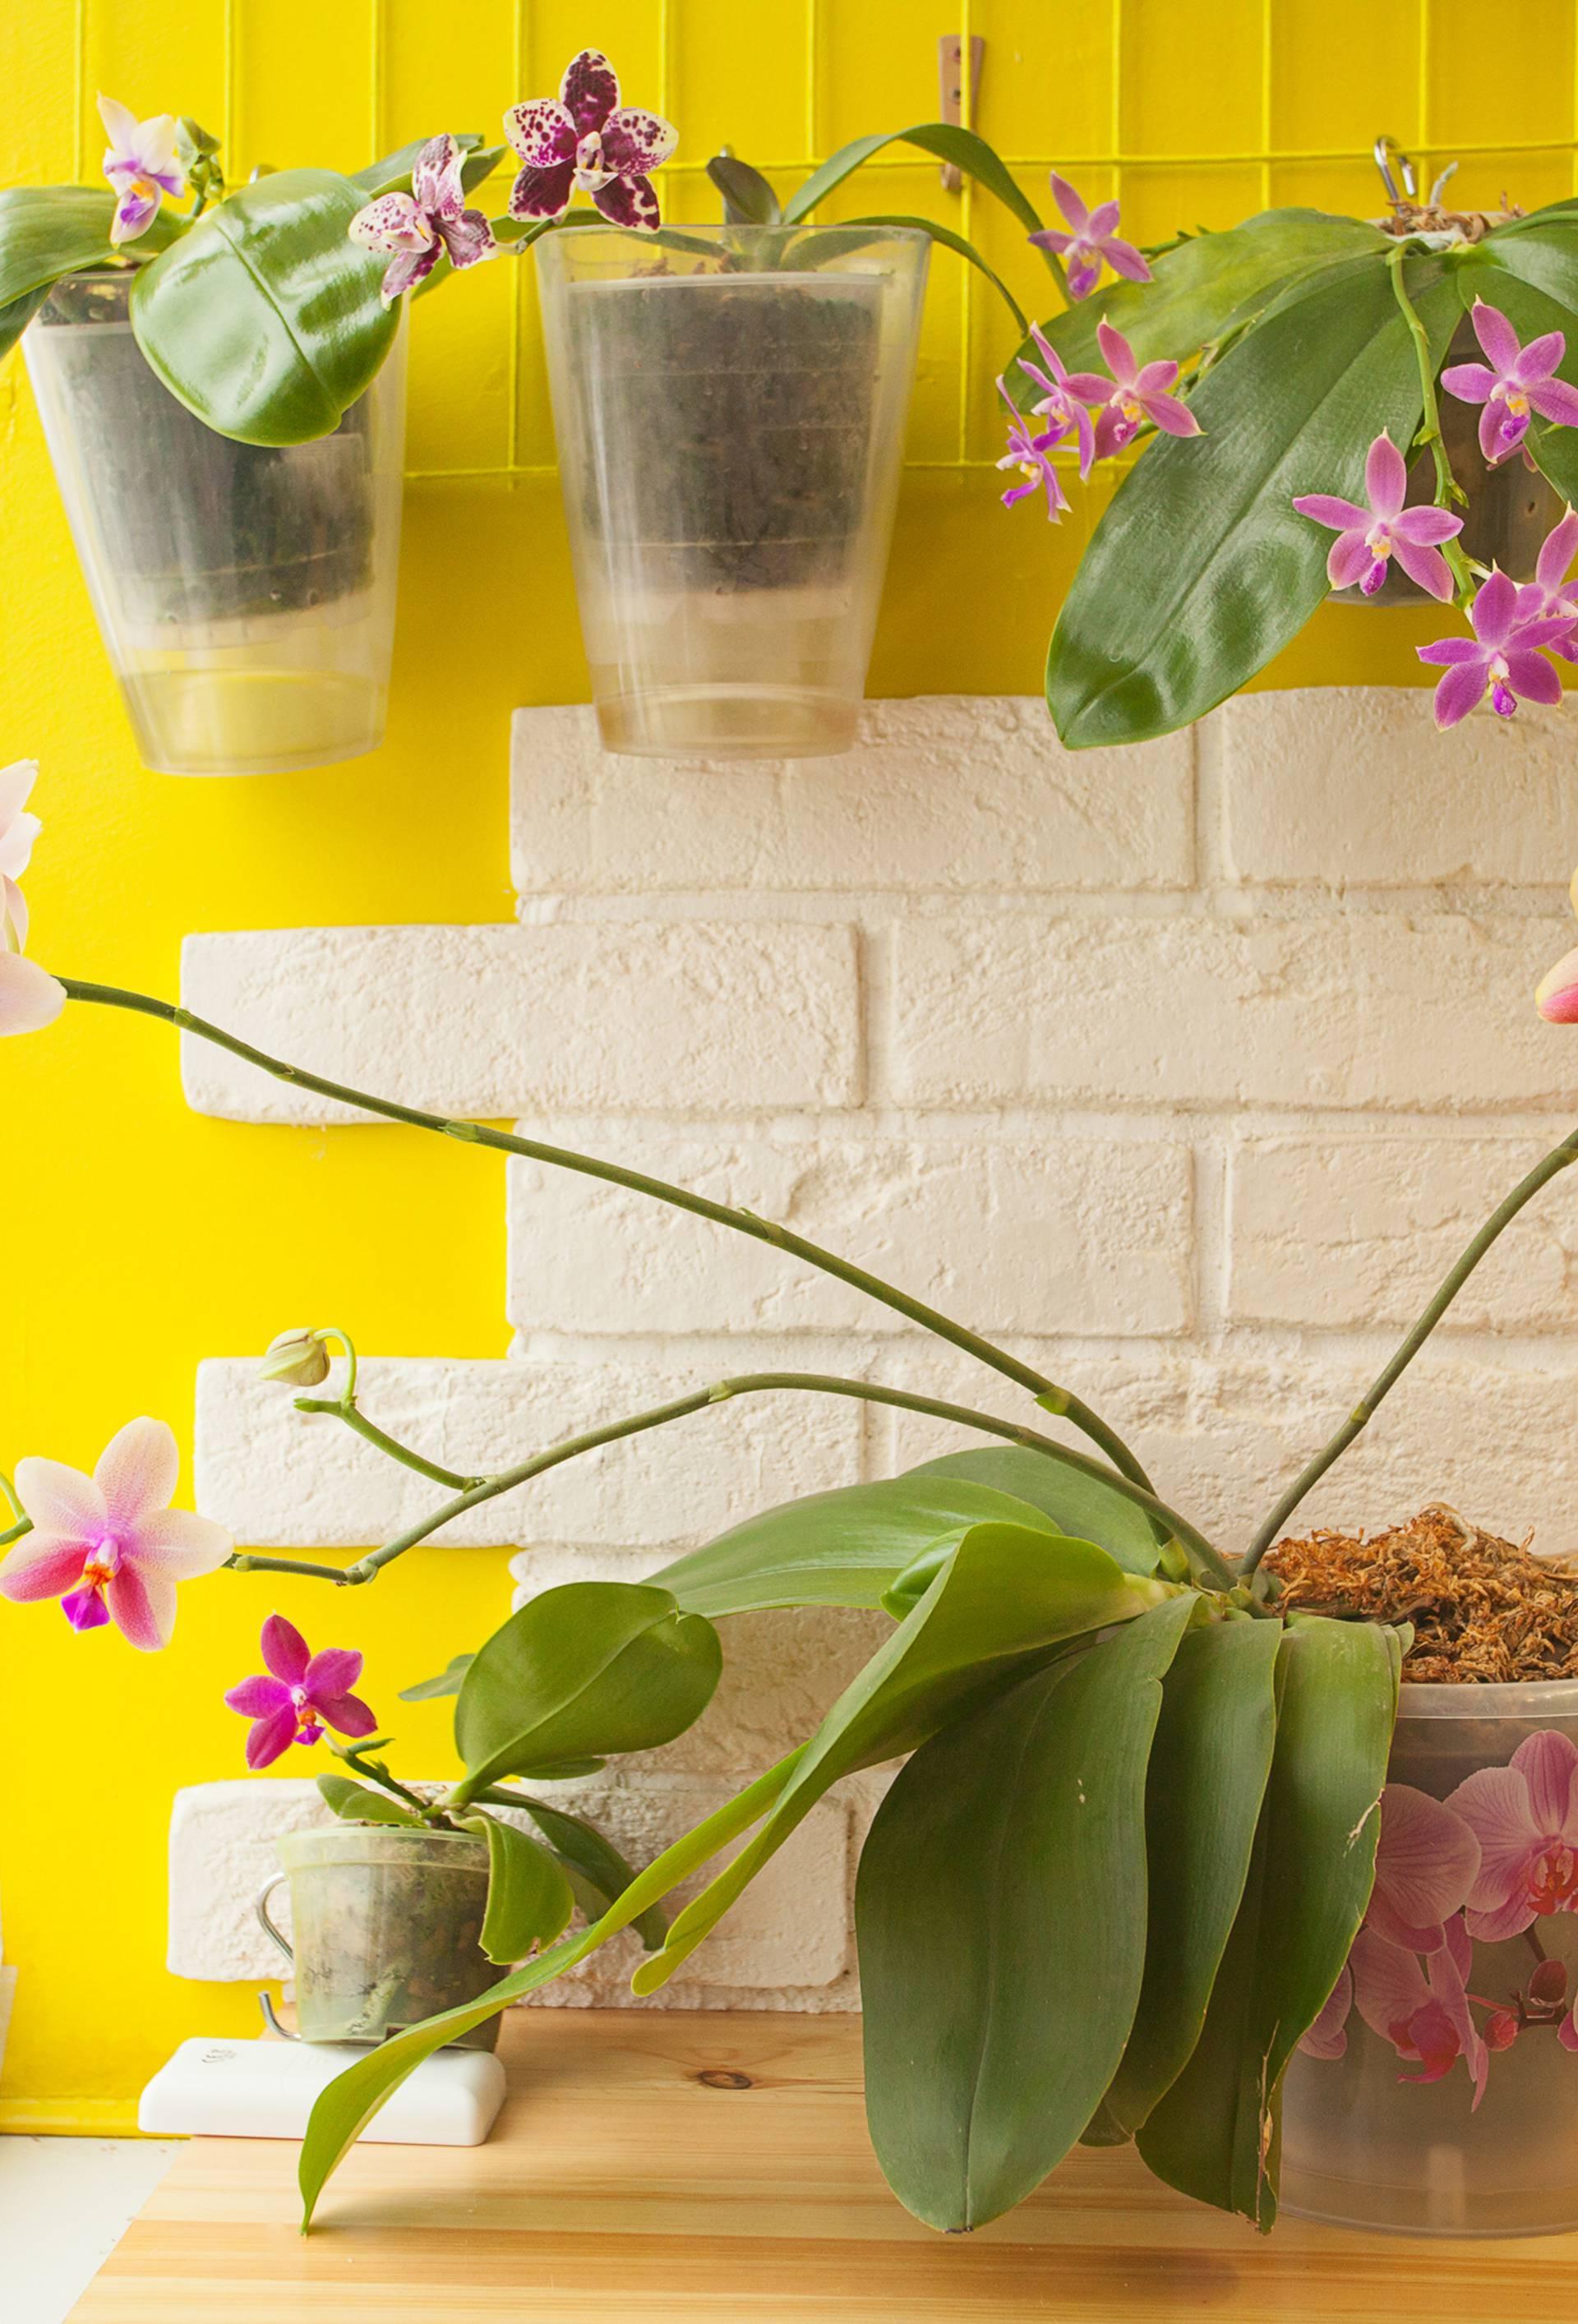 Presadite biljku u veću teglu što prije - posuda iz trgovine je guši